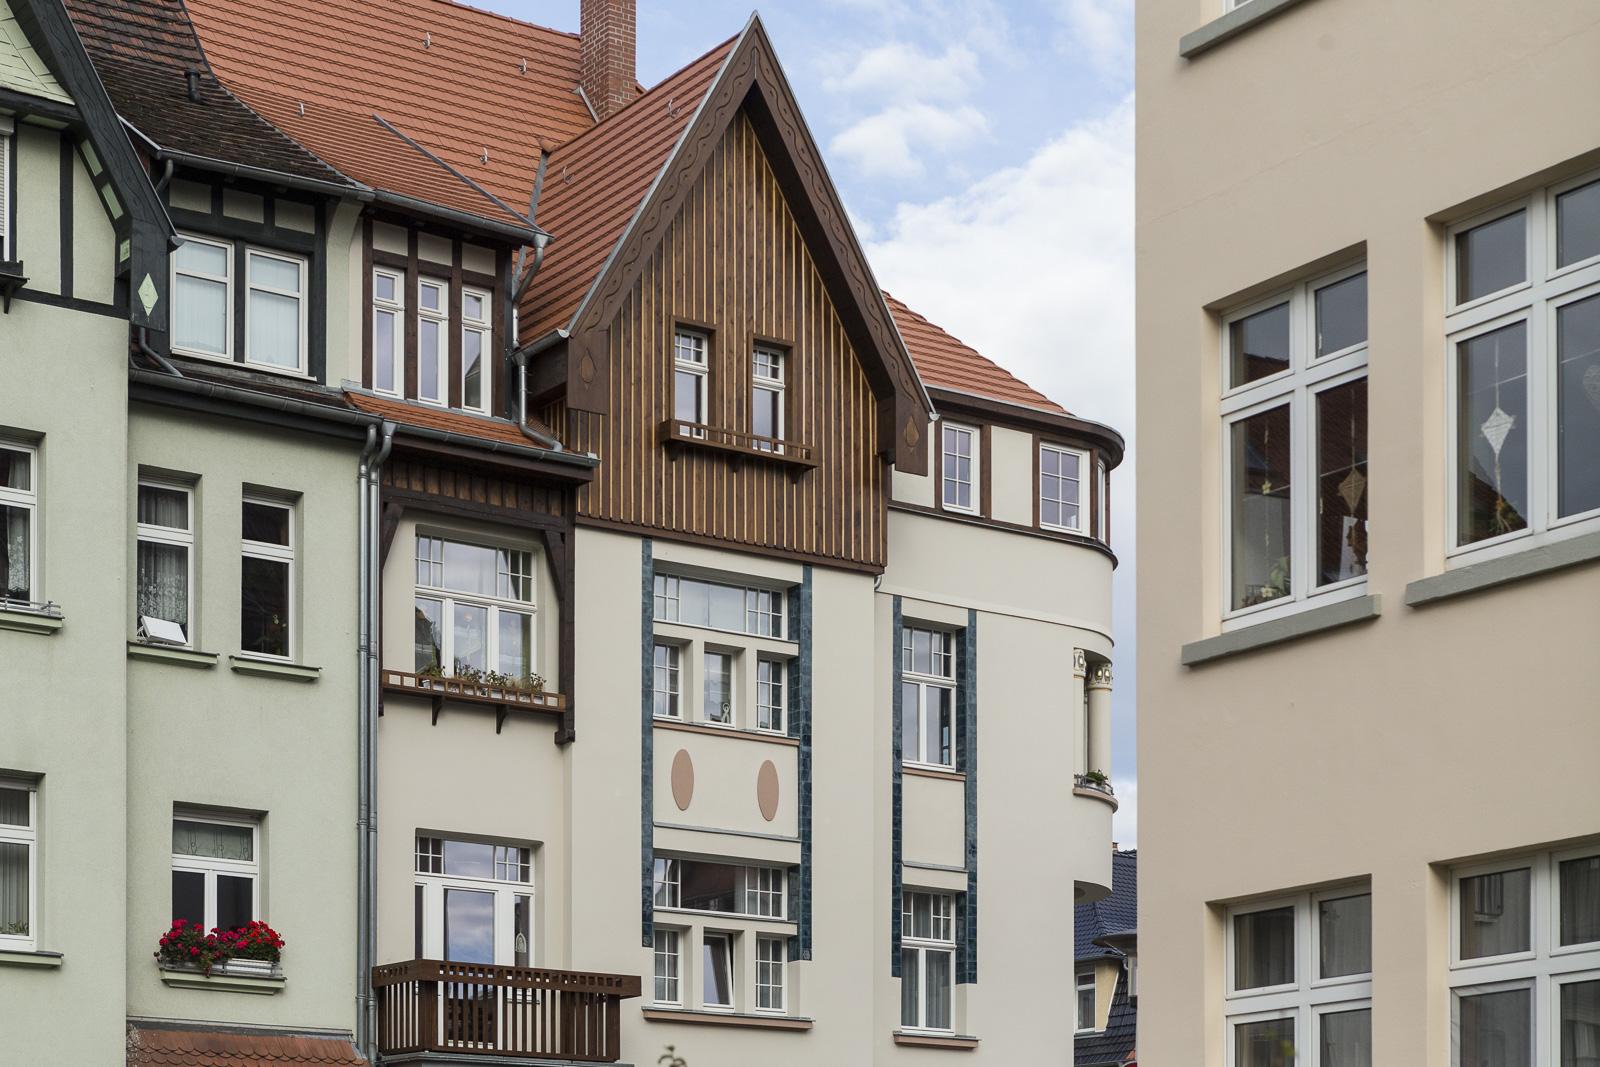 SAKRET Referenz Fassadensanierung Eisenach Fassade von Weitem